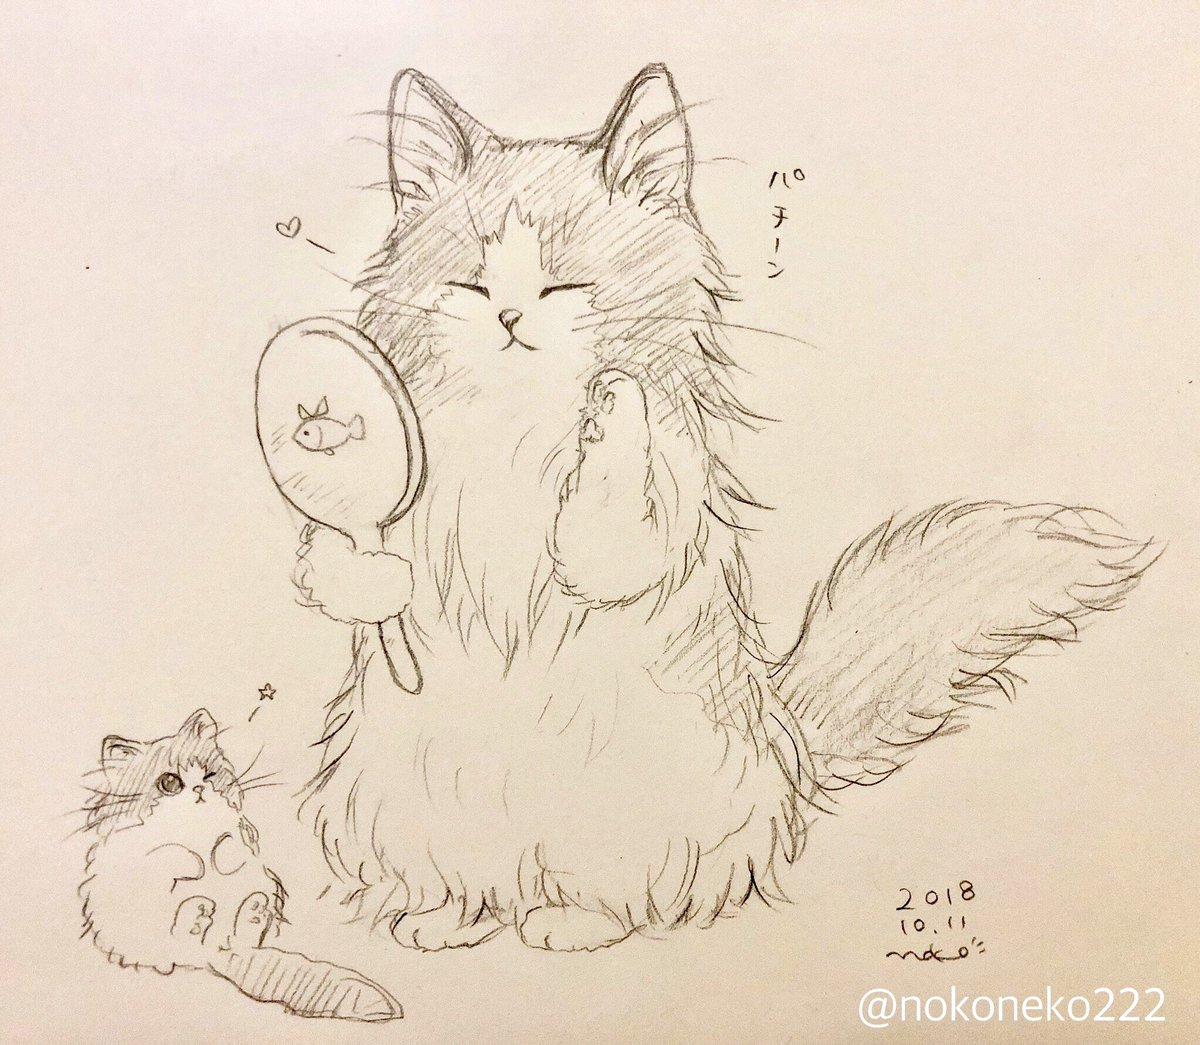 のこねこ@ねこ絵描き's photo on #ウインクの日